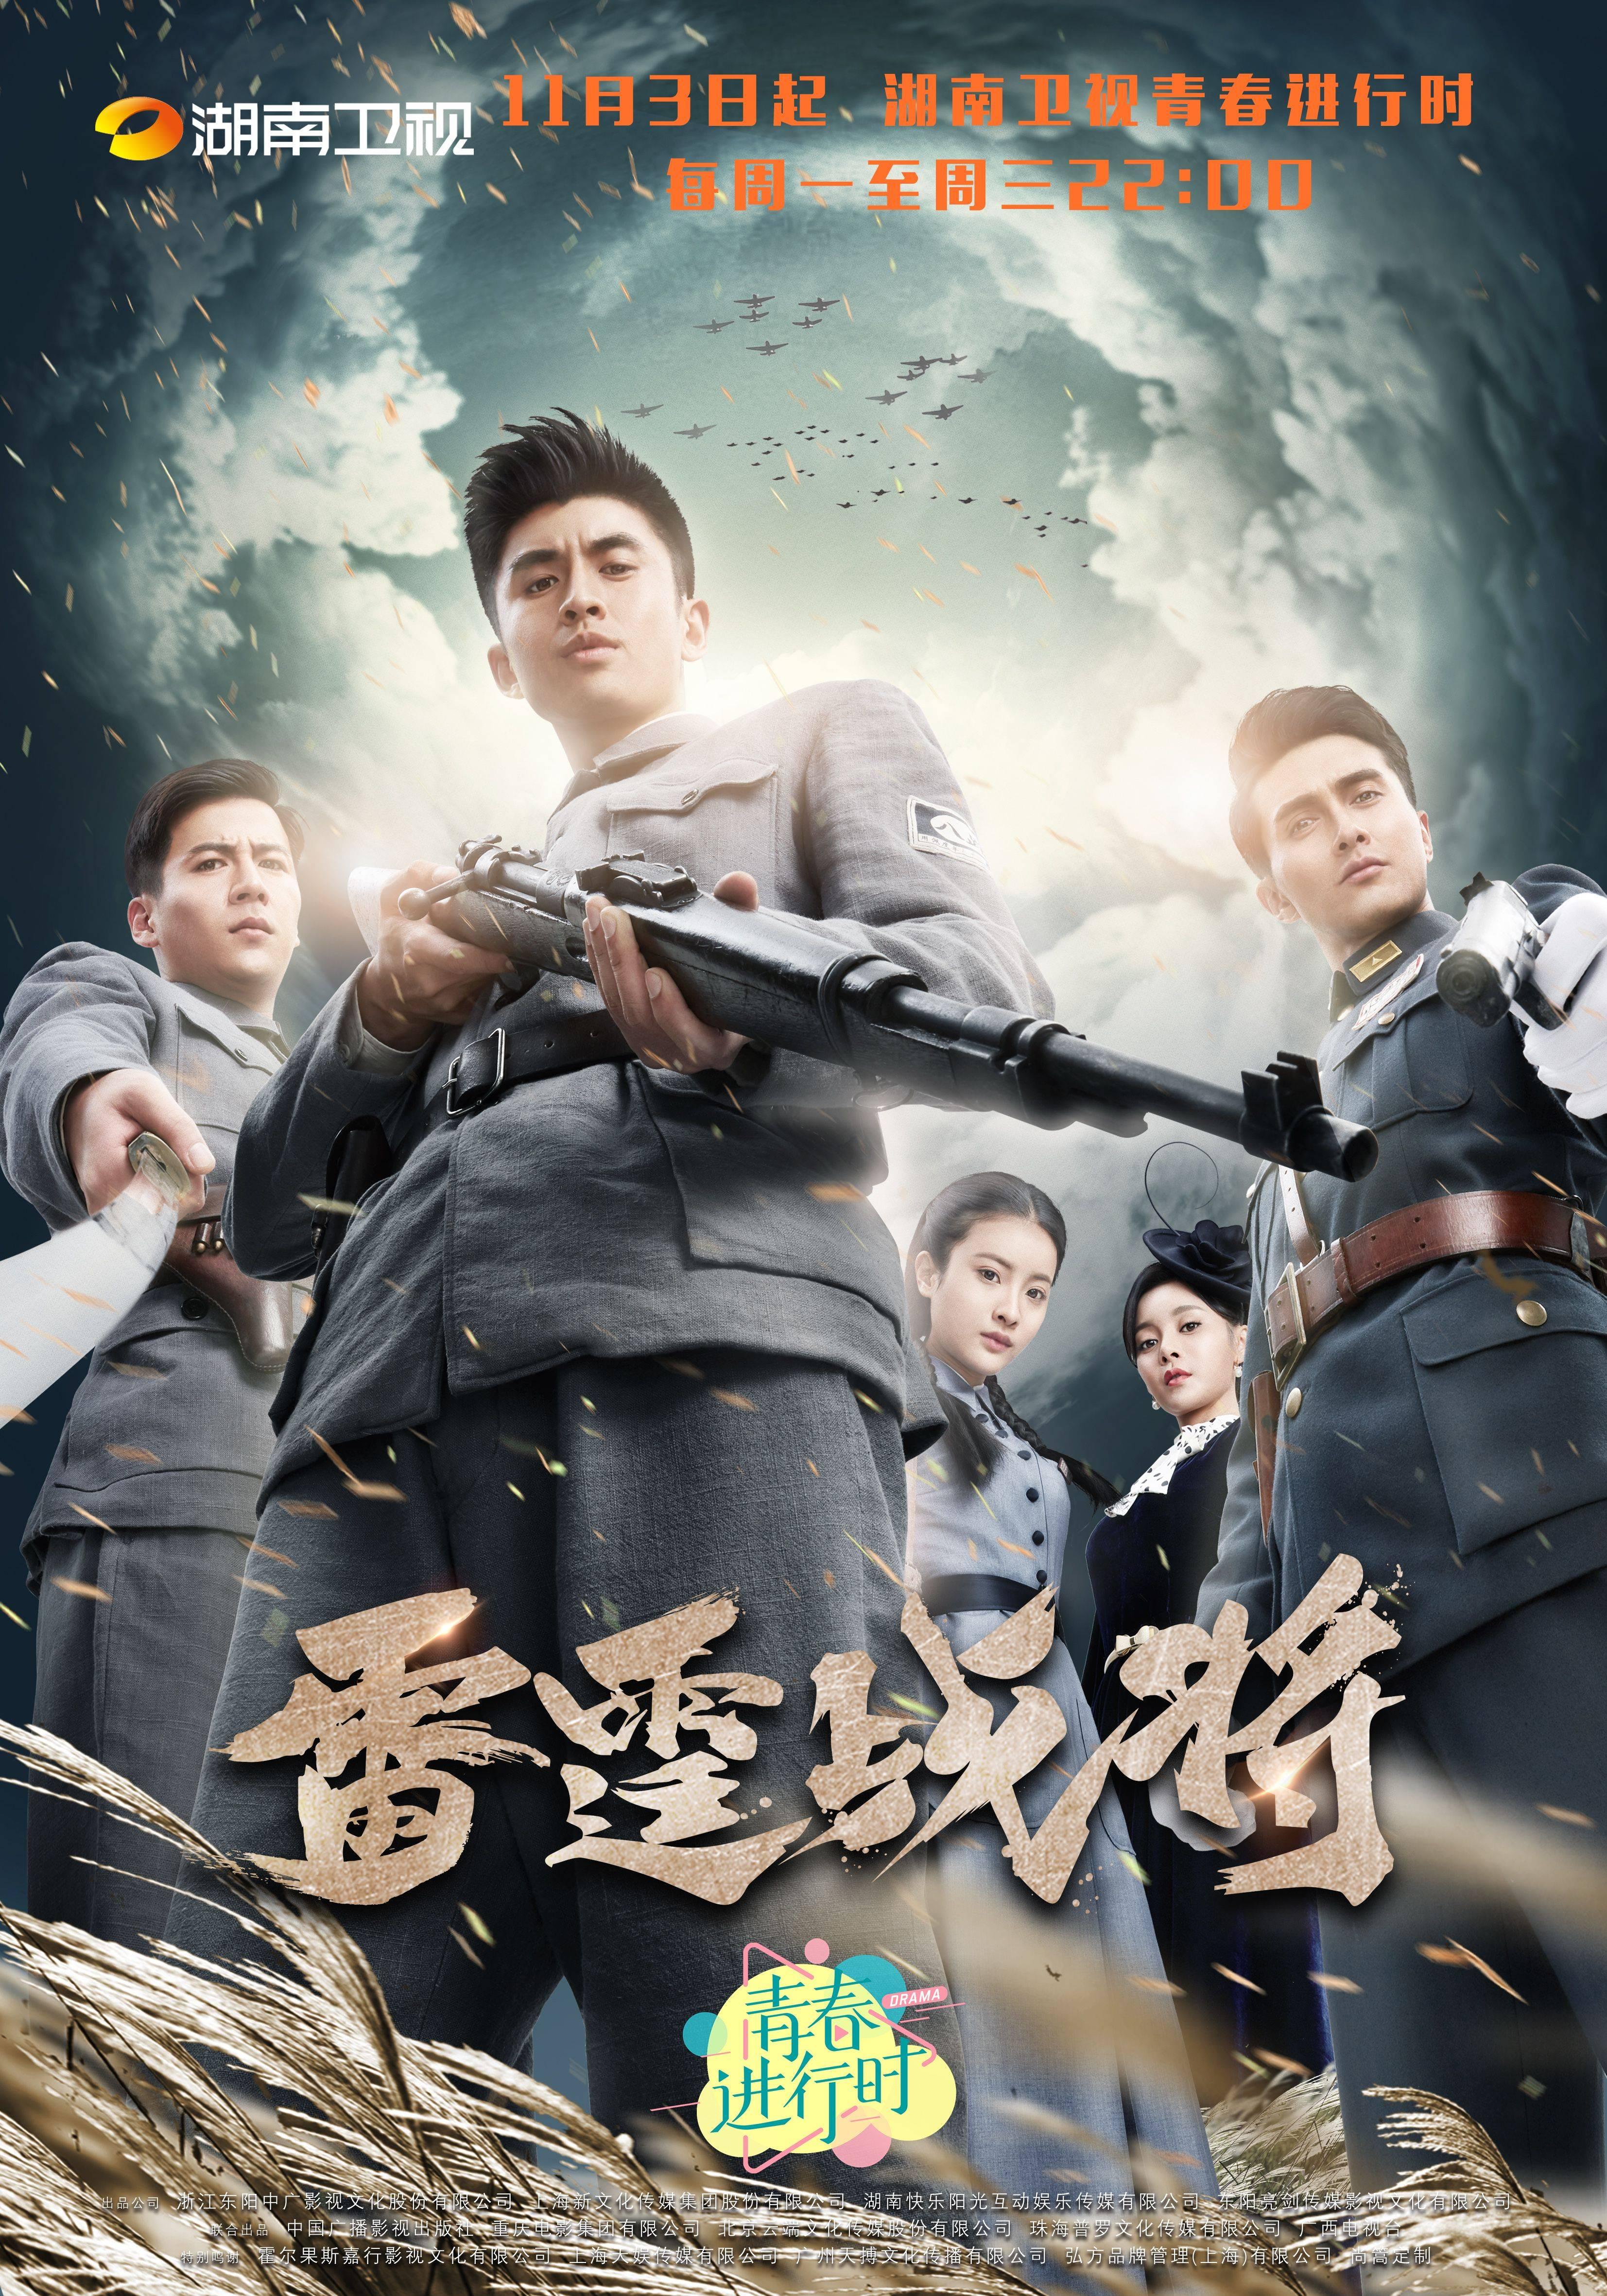 张云龙首次挑战八路军形象,搭档高伟光魏千翔主演《雷霆战将》